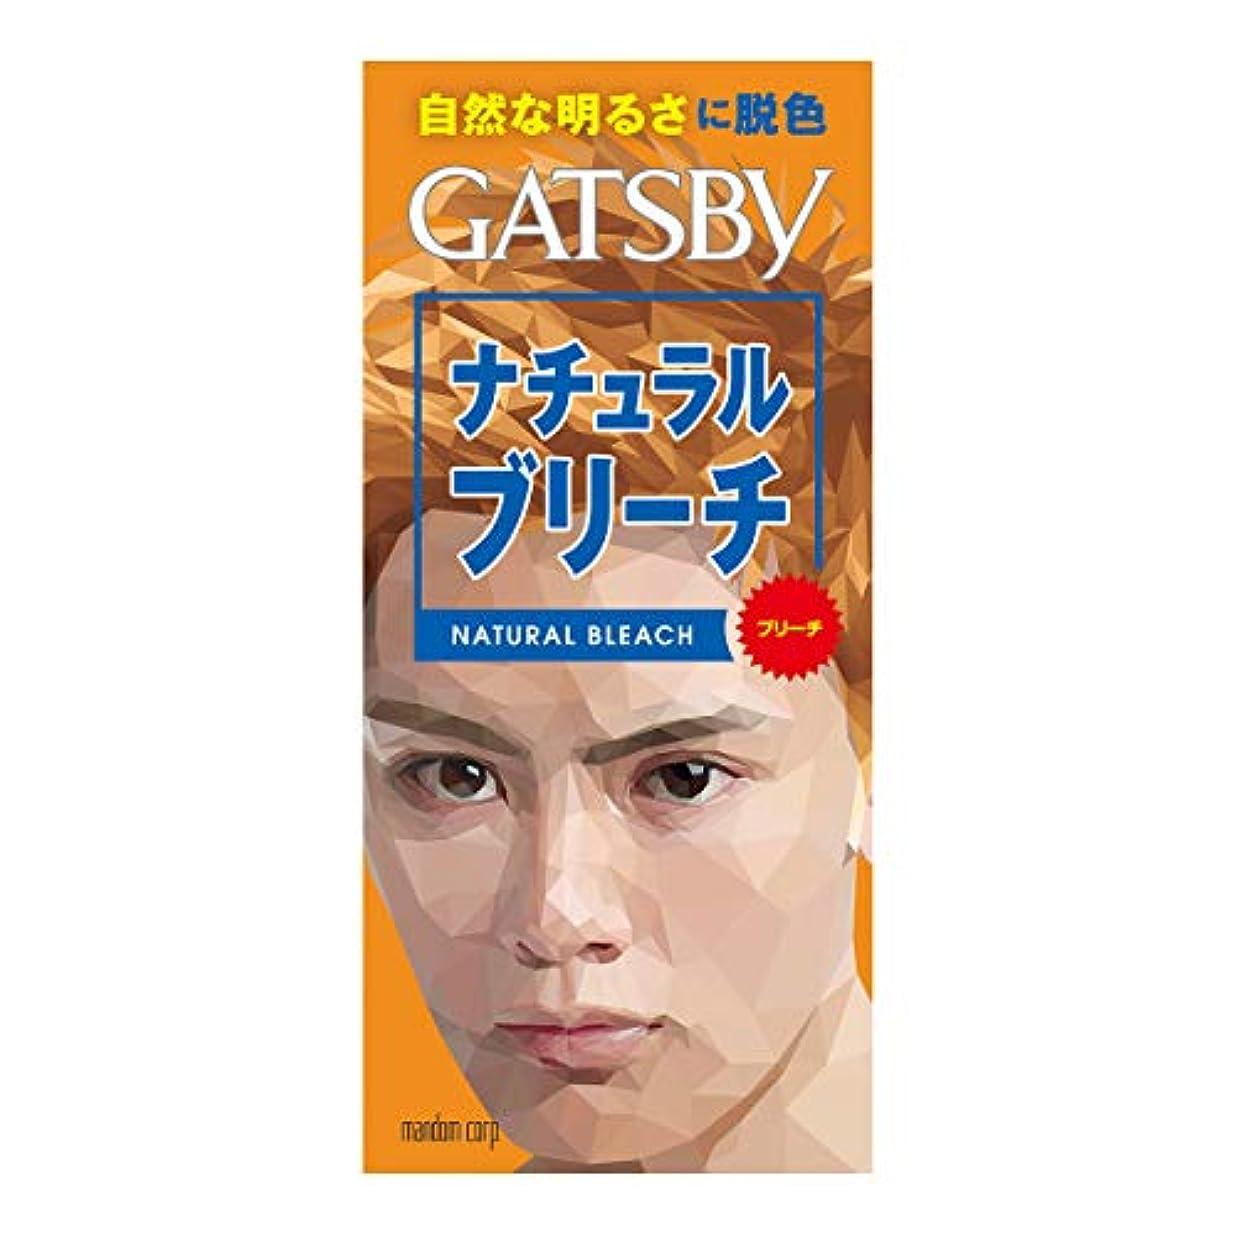 膜シャックル協力するギャツビー ナチュラルブリーチ 【HTRC5.1】